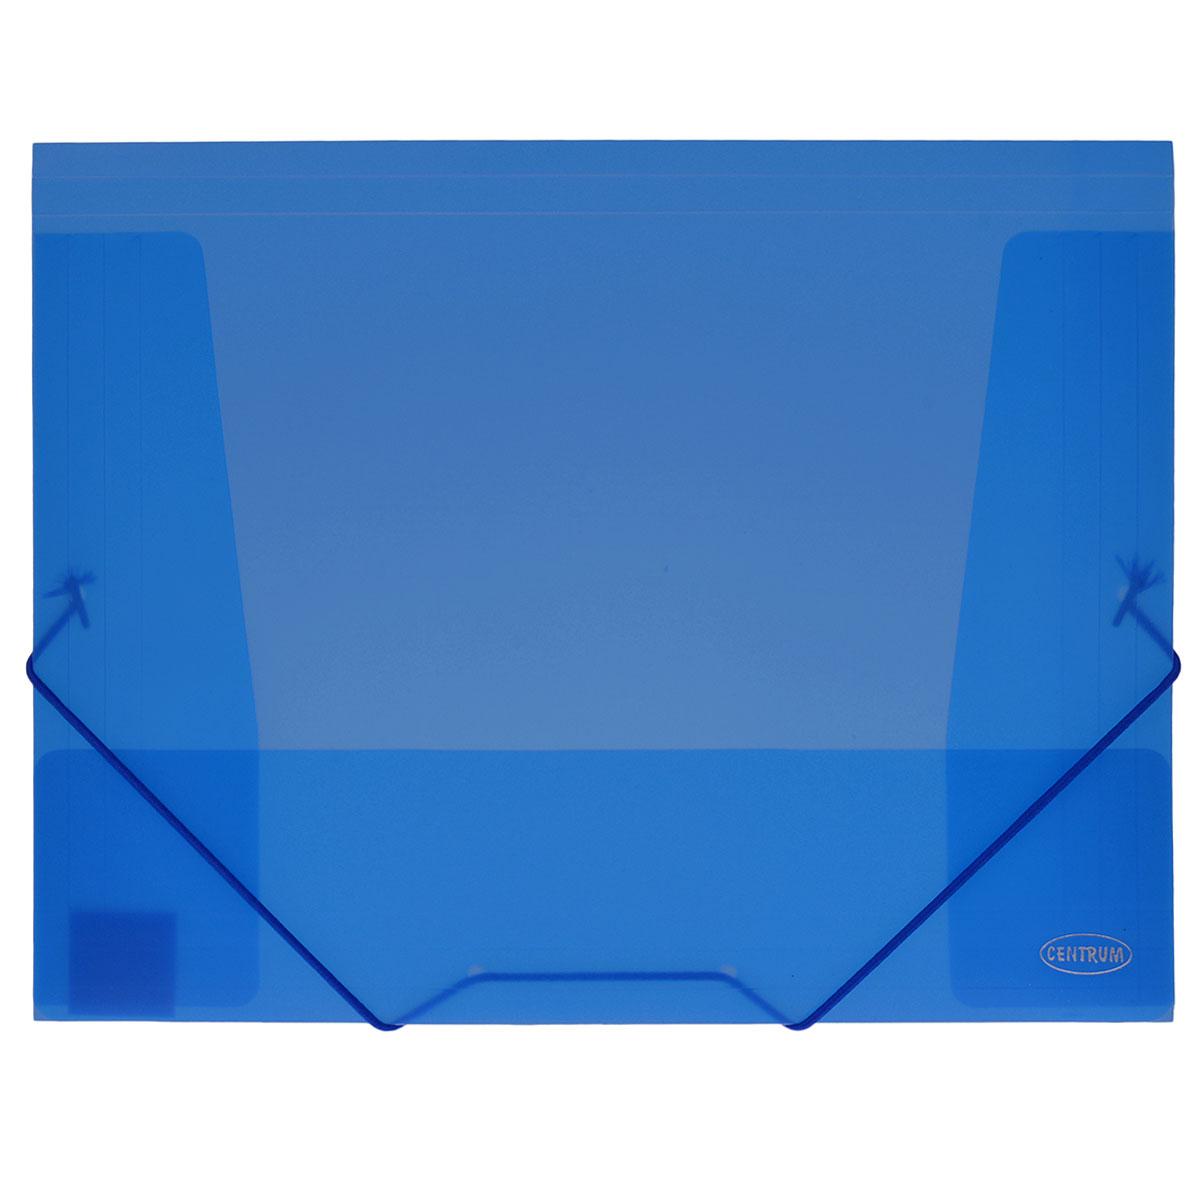 Папка-конверт на резинке Centrum, цвет: синий. Формат А4. 80016FS-54100Папка-конверт на резинке Centrum - это удобный и функциональный офисный инструмент, предназначенный для хранения итранспортировки рабочих бумаг и документов формата А4.Папка с двойной угловой фиксацией резиновой лентой изготовлена из износостойкого полупрозрачного пластика. Внутри папка имеет три клапана, что обеспечивает надежную фиксацию бумаг и документов.Папка - это незаменимый атрибут для студента, школьника, офисного работника. Такая папка надежно сохранит ваши документы исбережет их от повреждений, пыли и влаги.